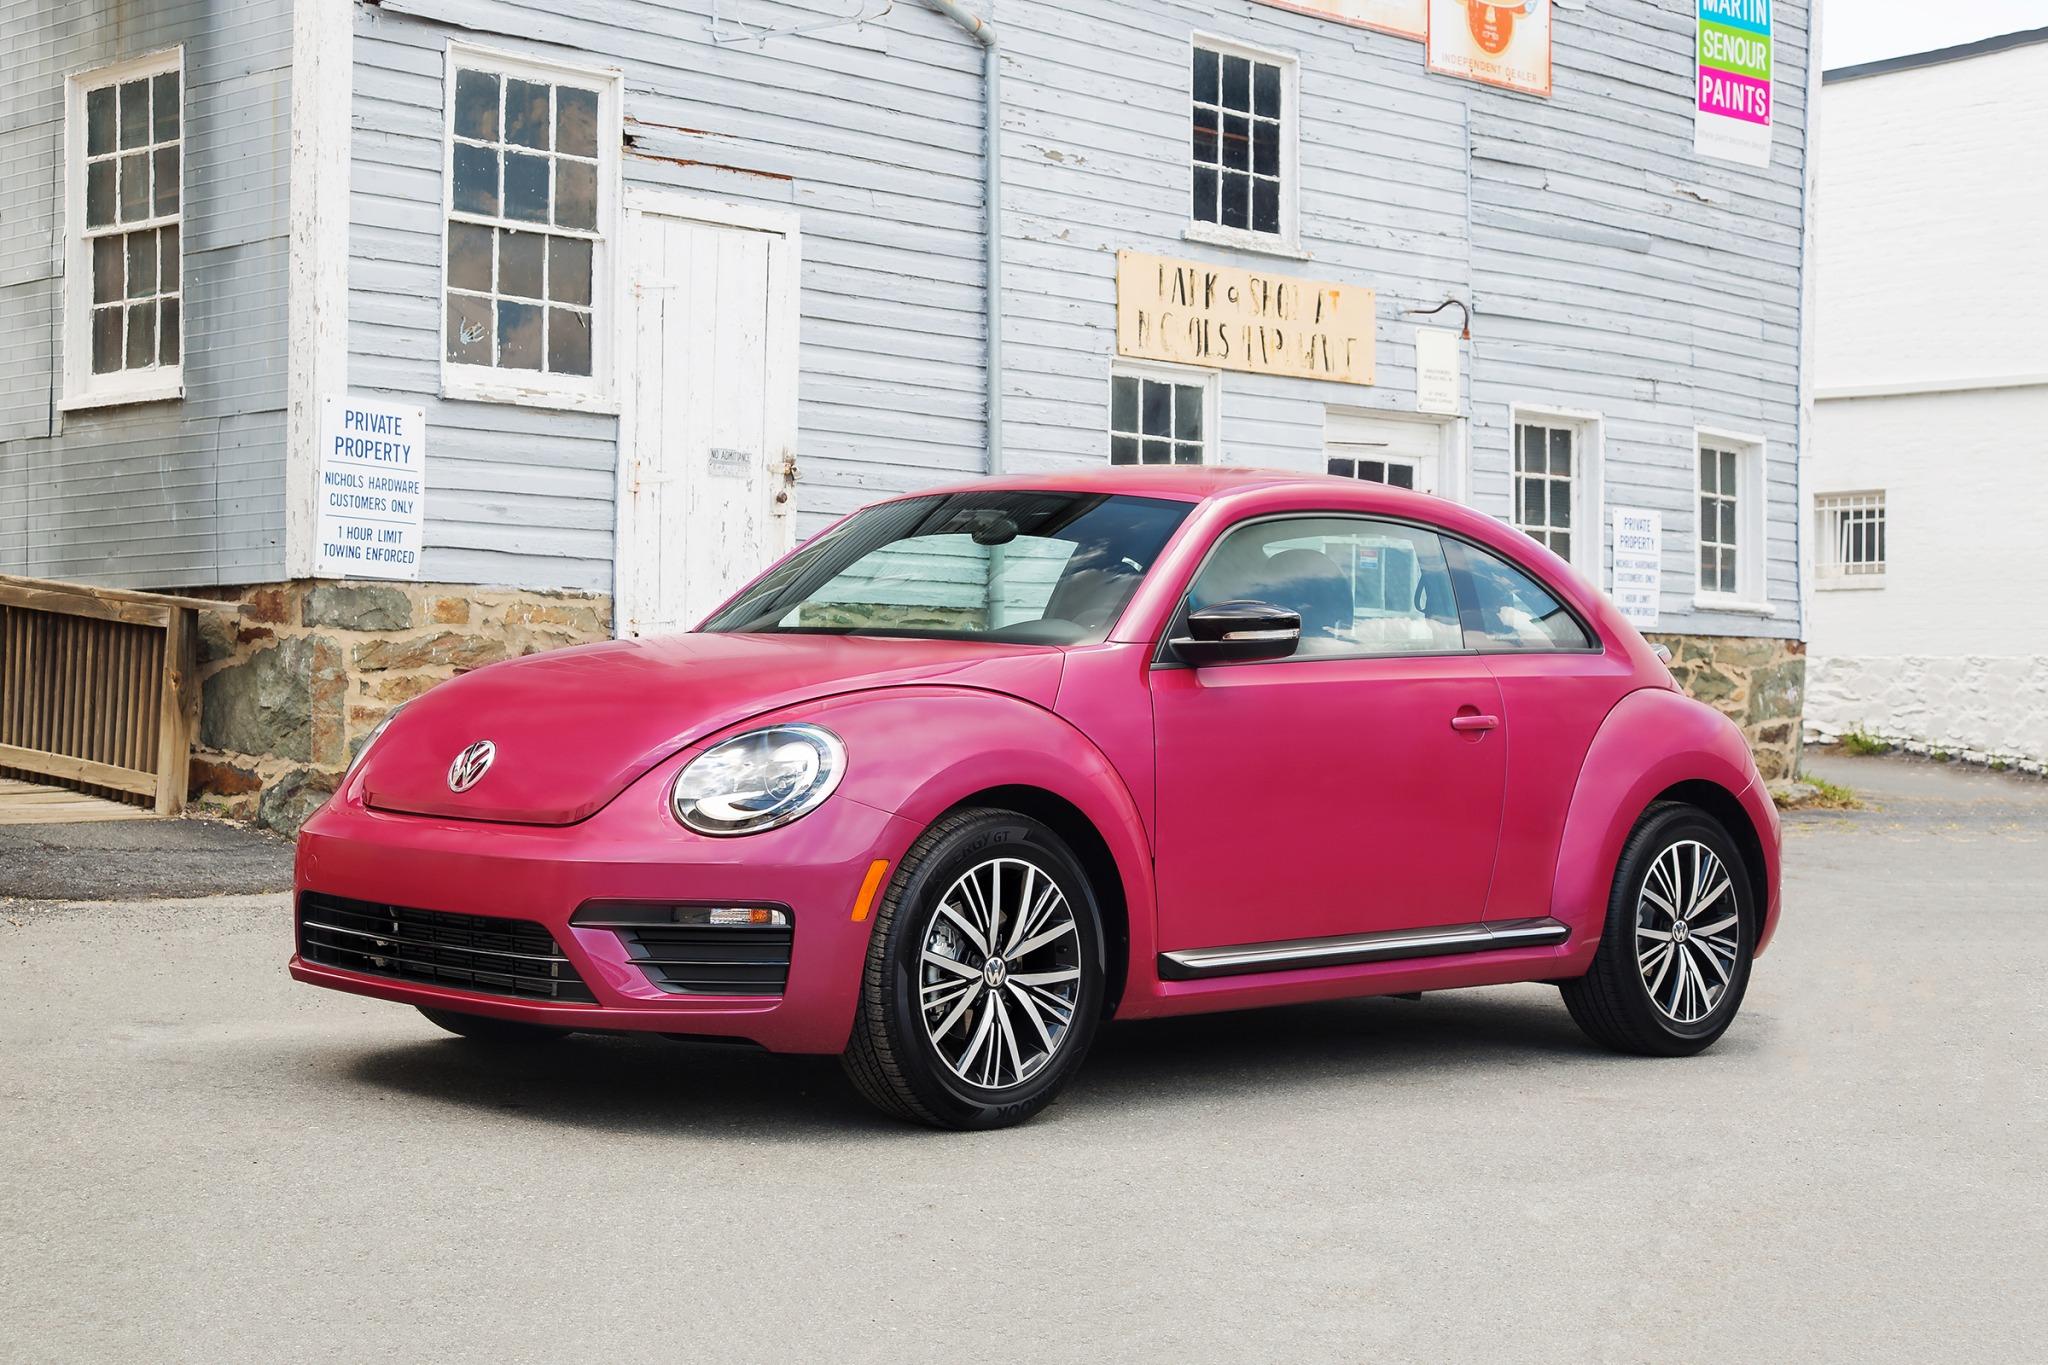 2017 volkswagen beetle 2dr hatchback pinkbeetle fq oem 1 2048